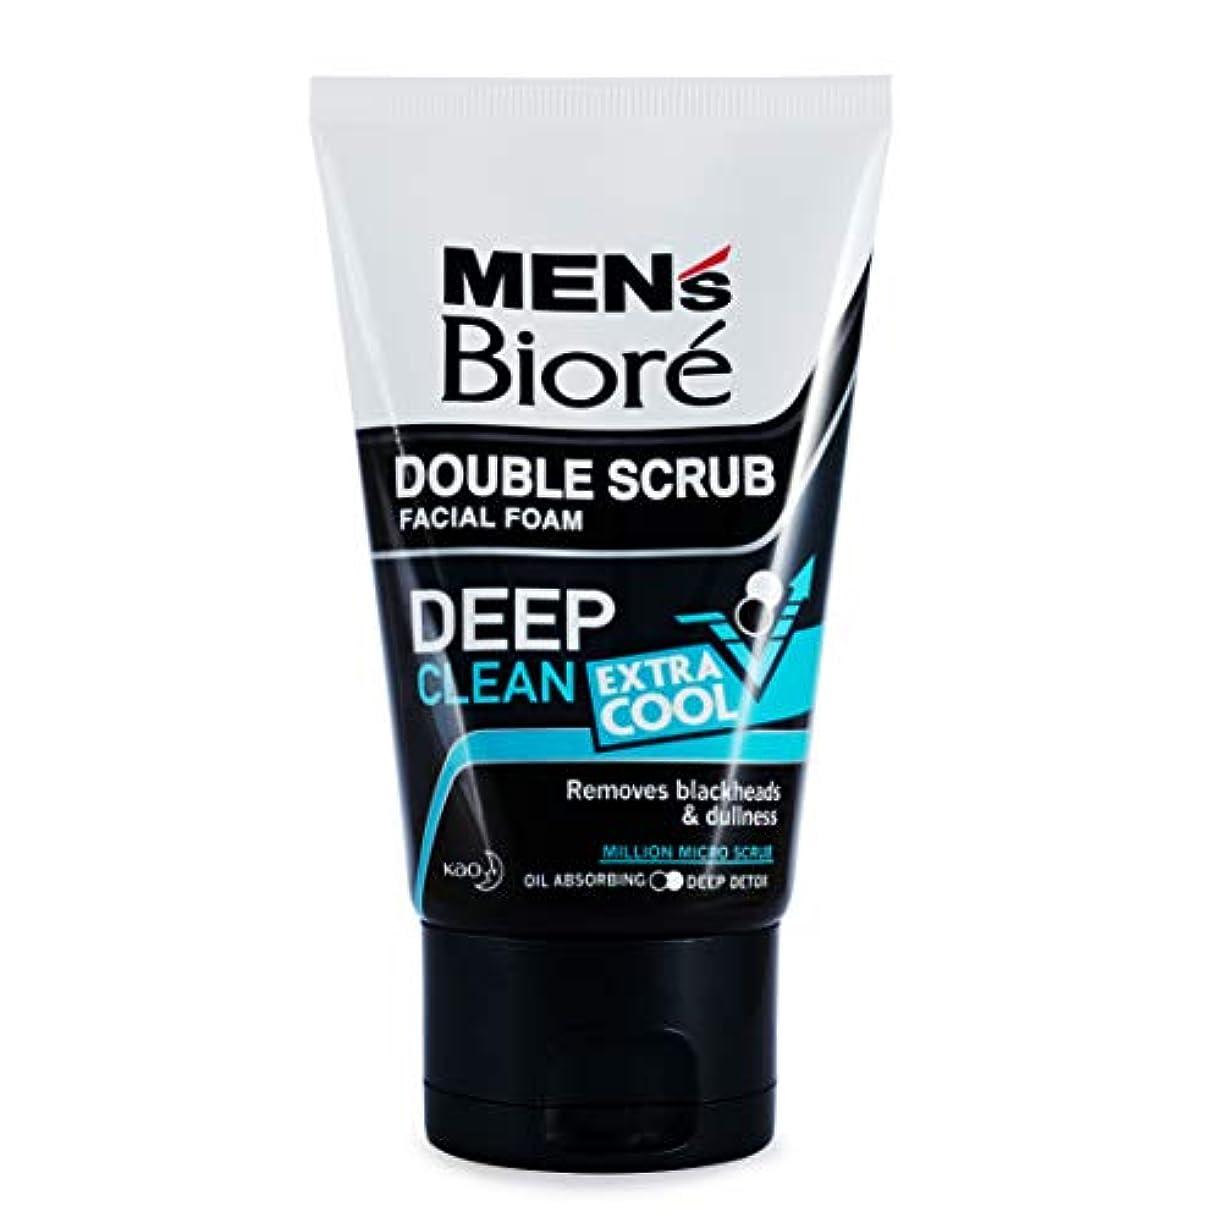 クランシー販売員偶然のBiore Men's ダブルスクラブ余分なクールな顔泡100グラム、なめらかな明るい&健康な皮膚。 - 非常にクール&さわやかな感覚。